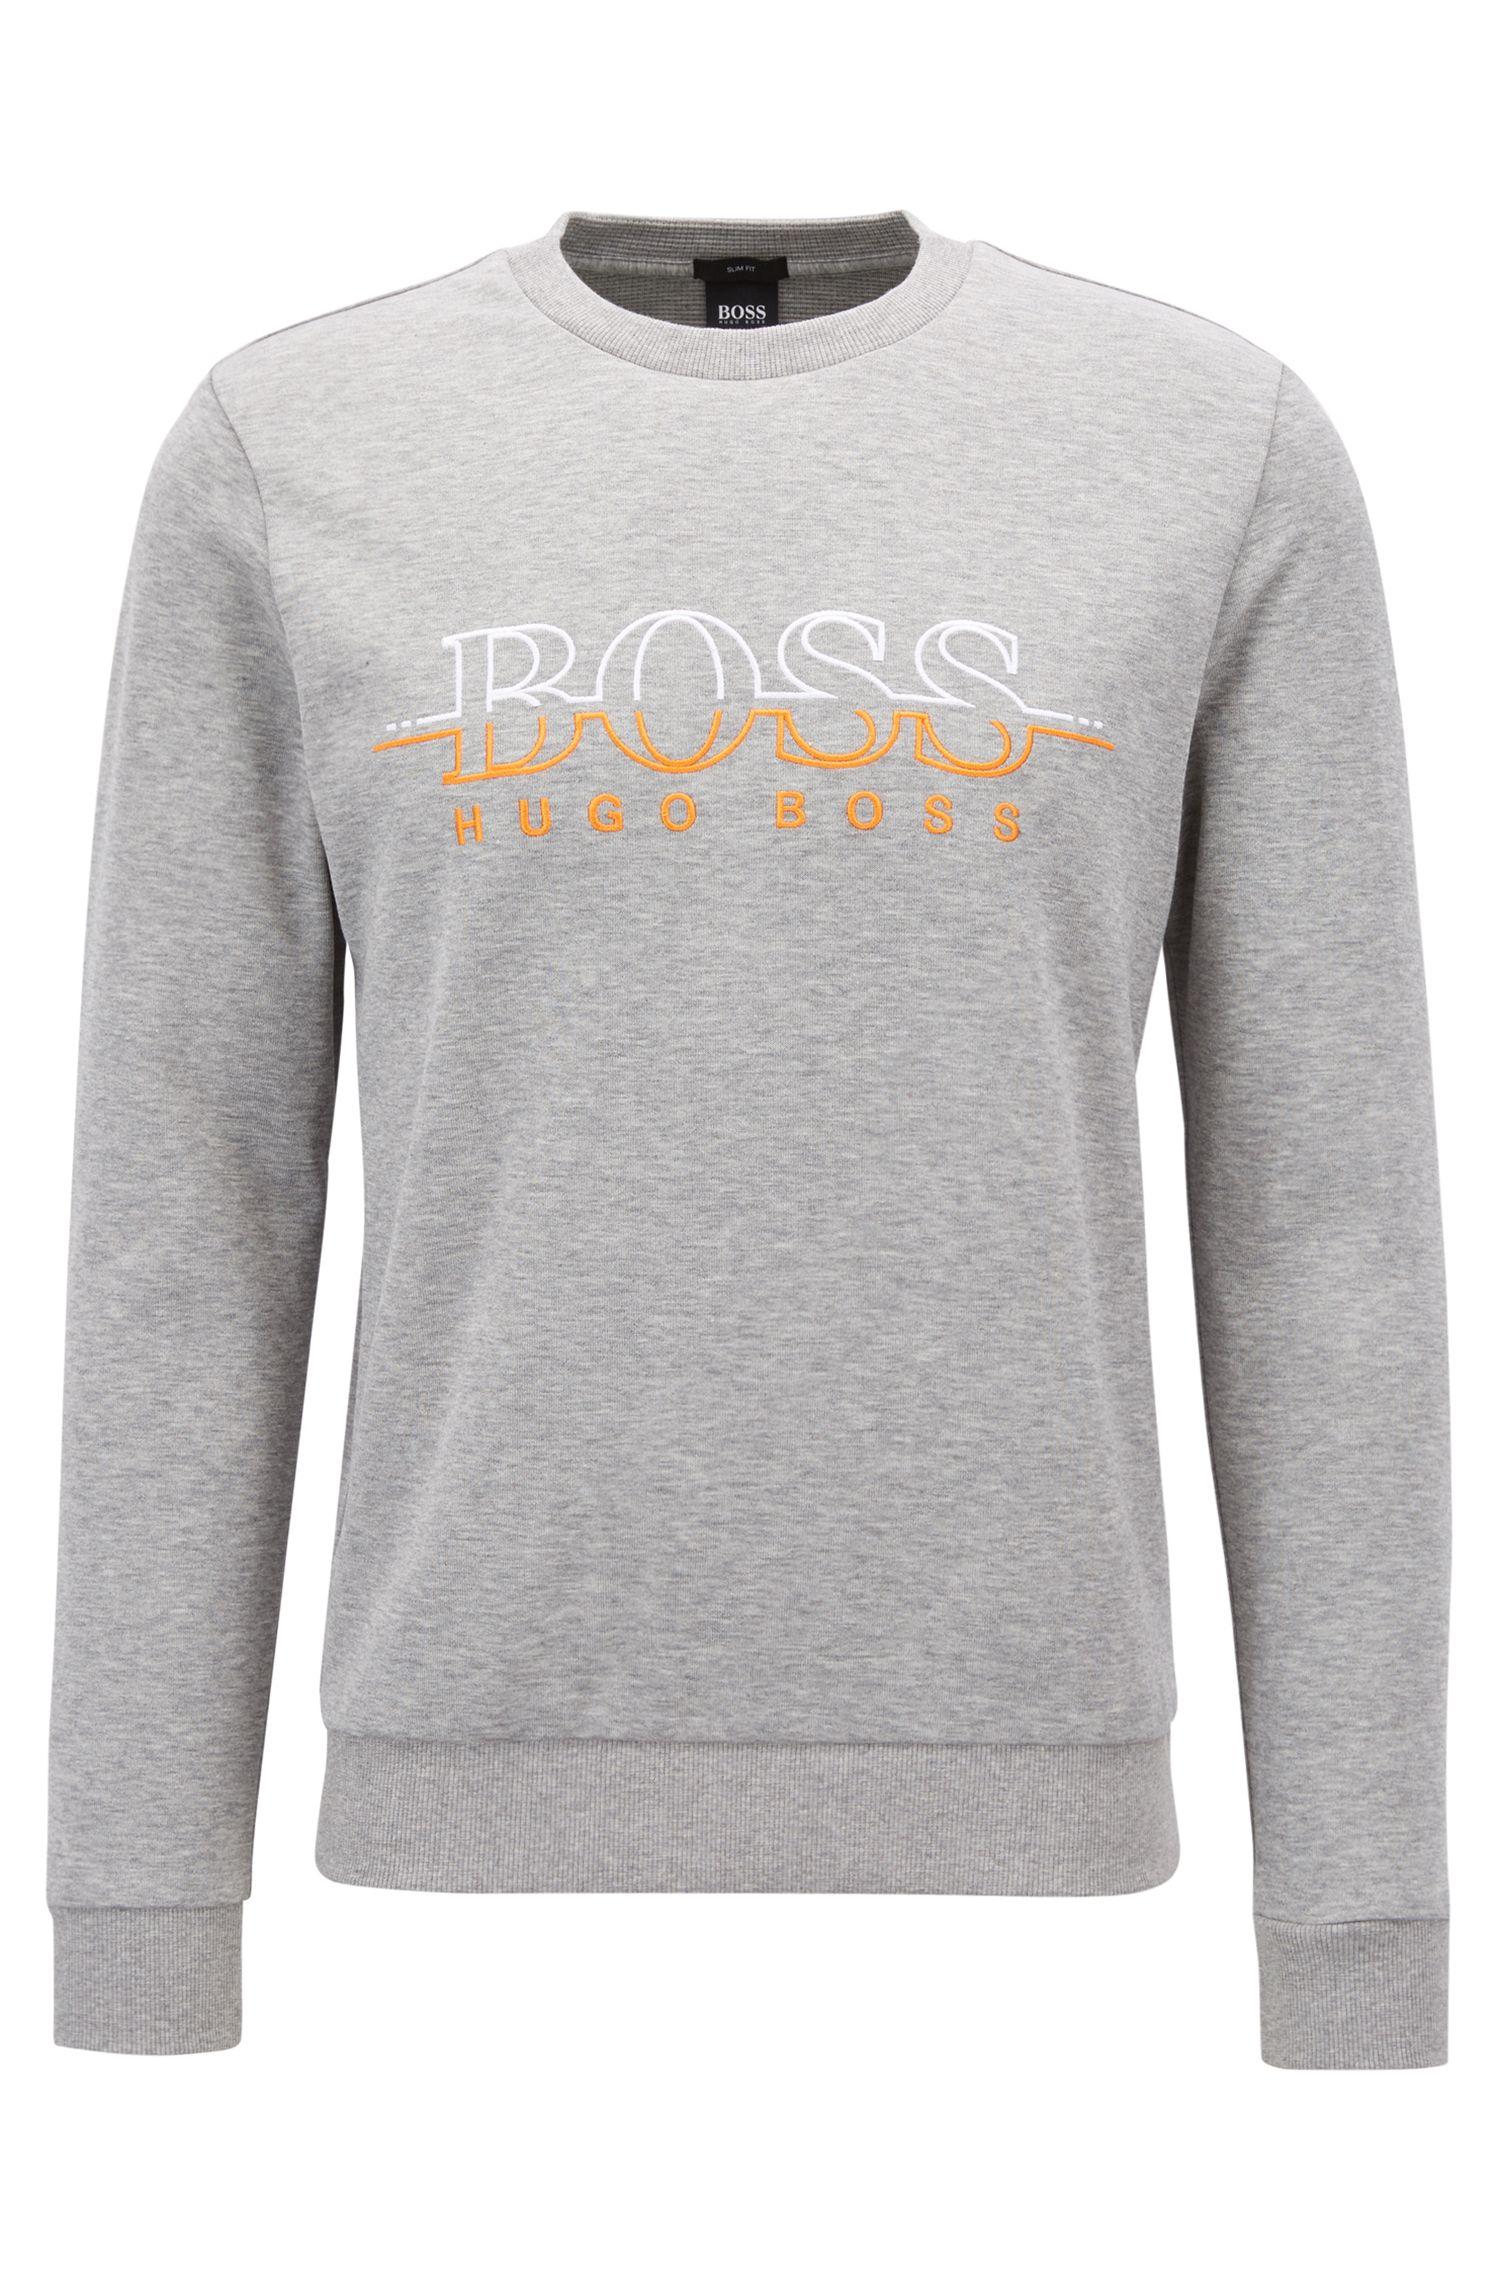 Sweatshirt aus Baumwoll-Mix mit Rundhalsausschnitt und Logo, Hellgrau